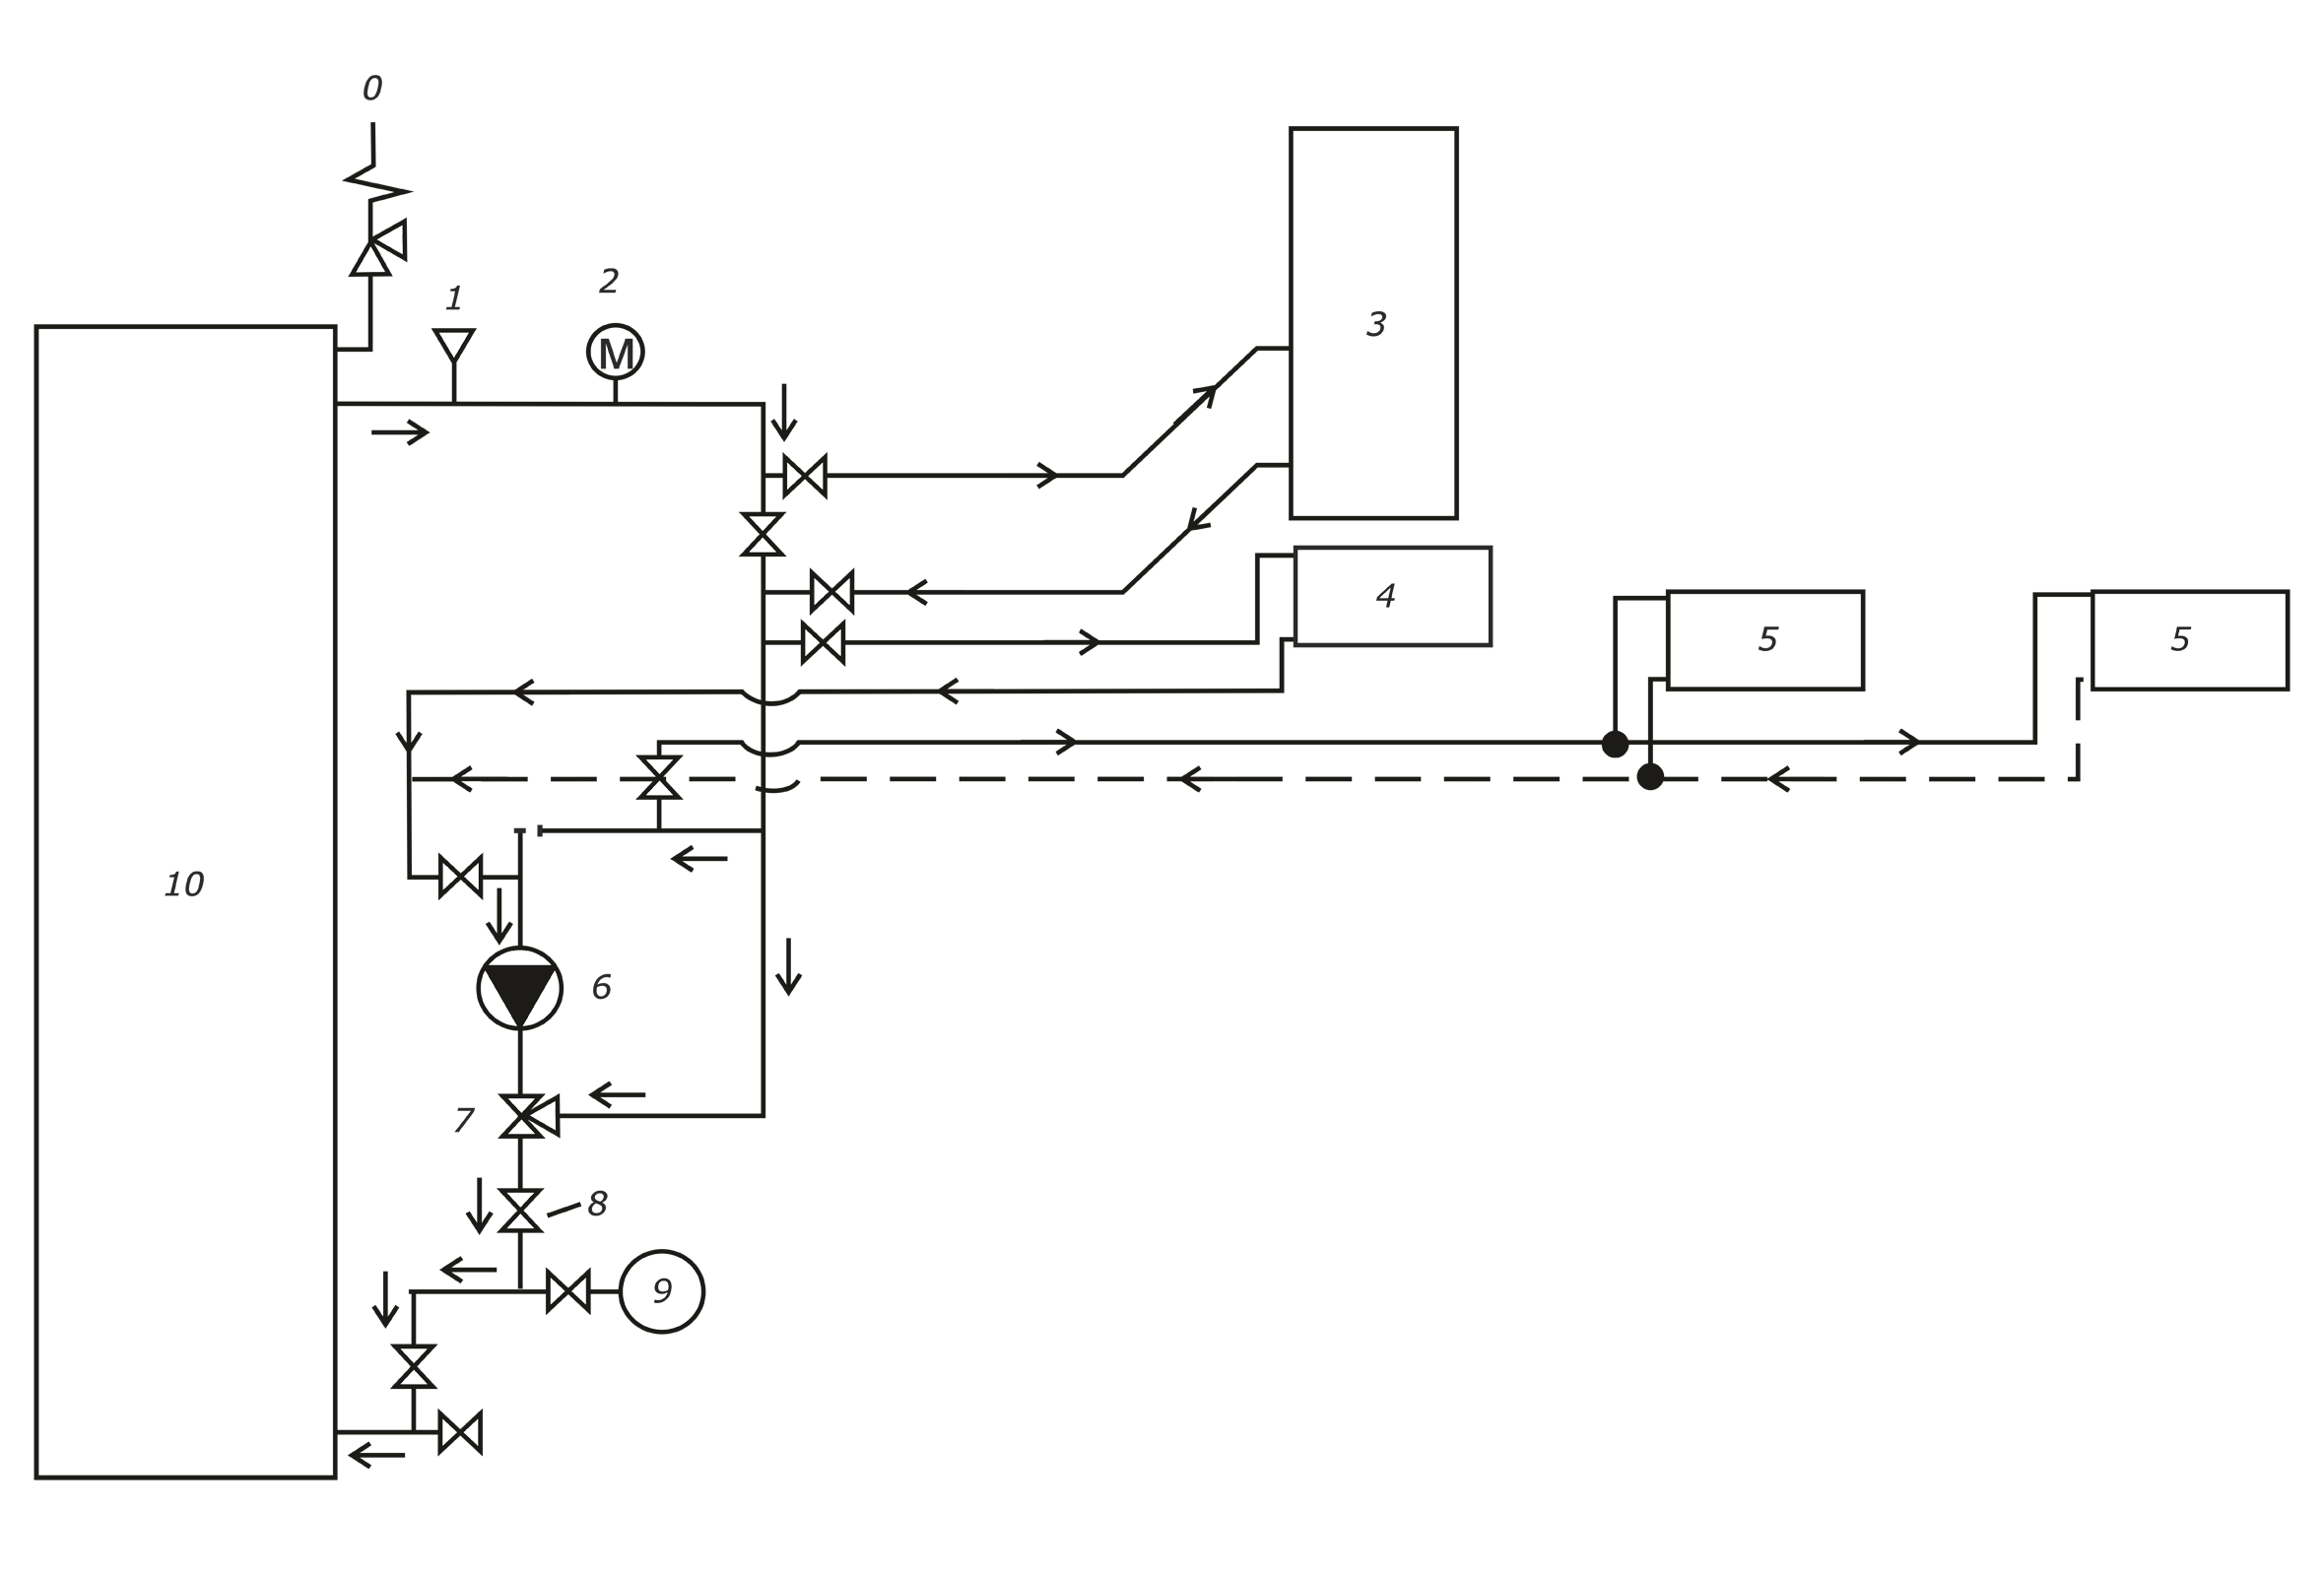 принципиальная схема очага alex bauman